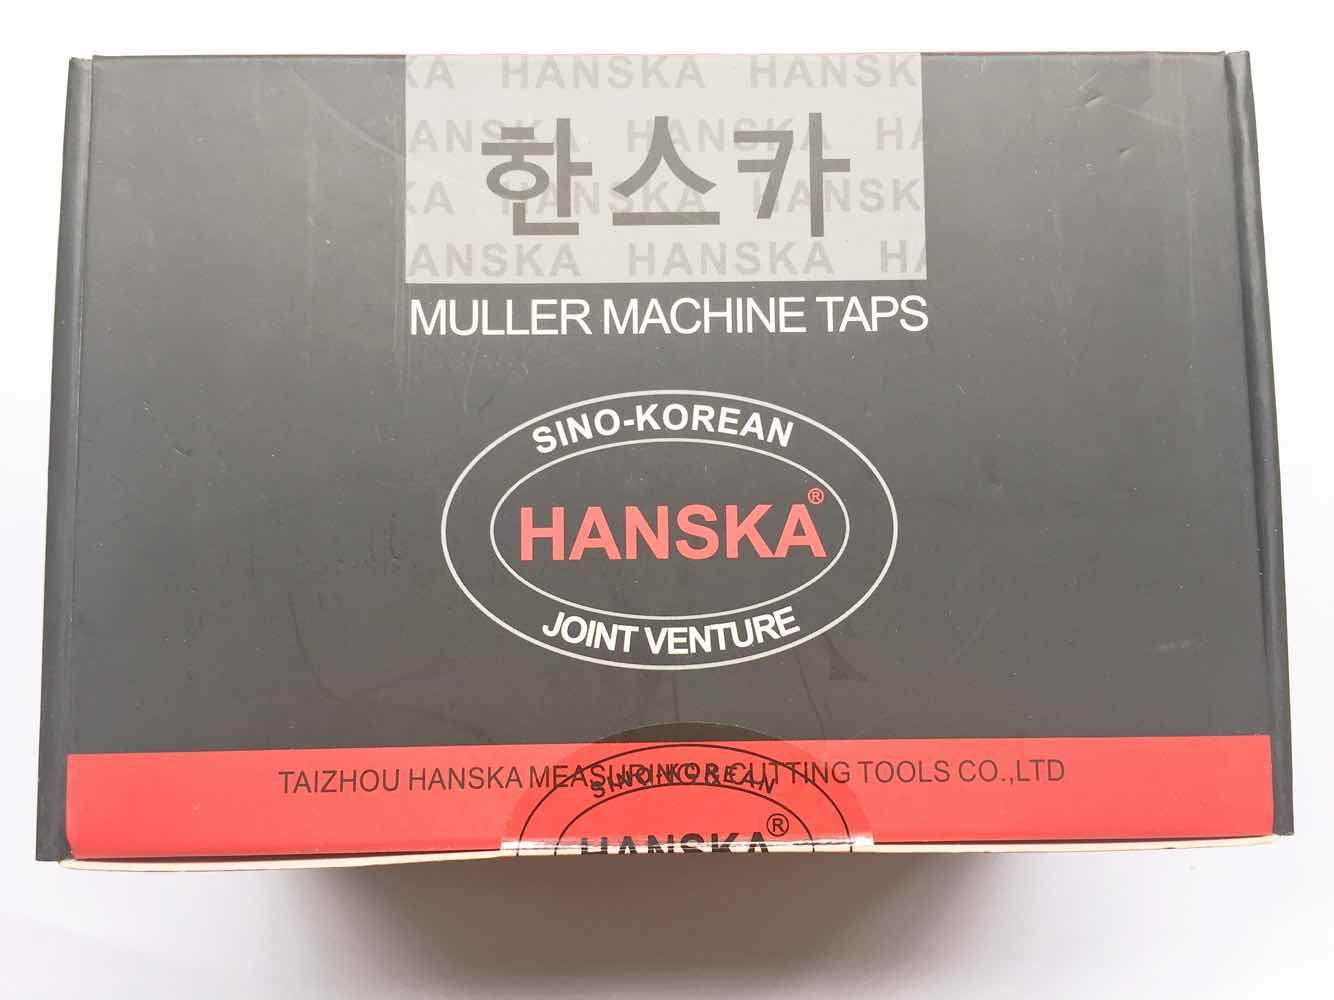 South Korea joint venture HANSKA Hanska full grinding straight slot machine tapping for M2/3/4/5/6/8/10/12-20